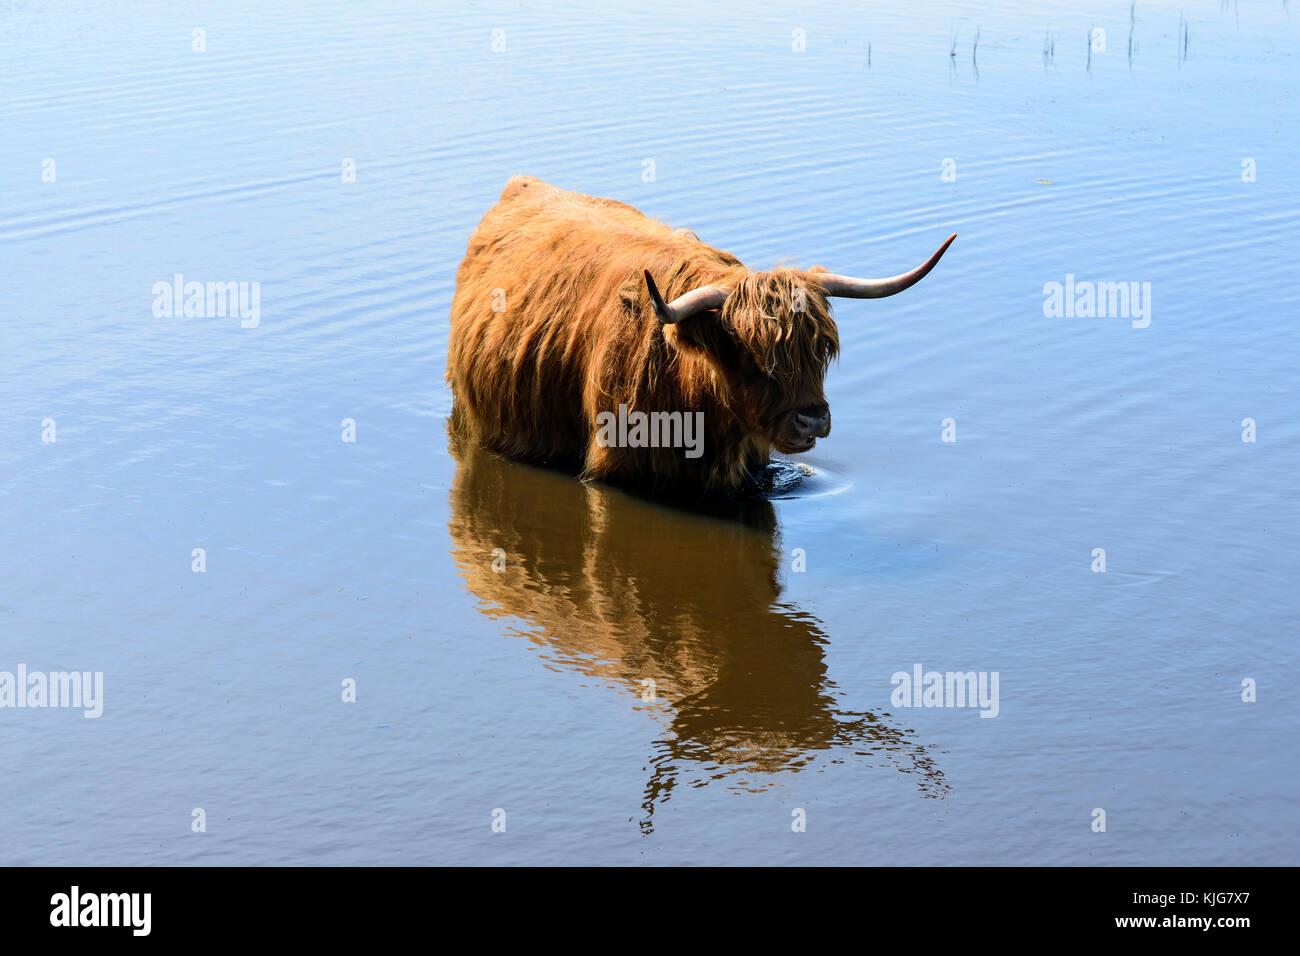 Highland cattle à poil long se rafraîchir dans les zones humides à van rspb farm sur le Loch Leven, Photo Stock